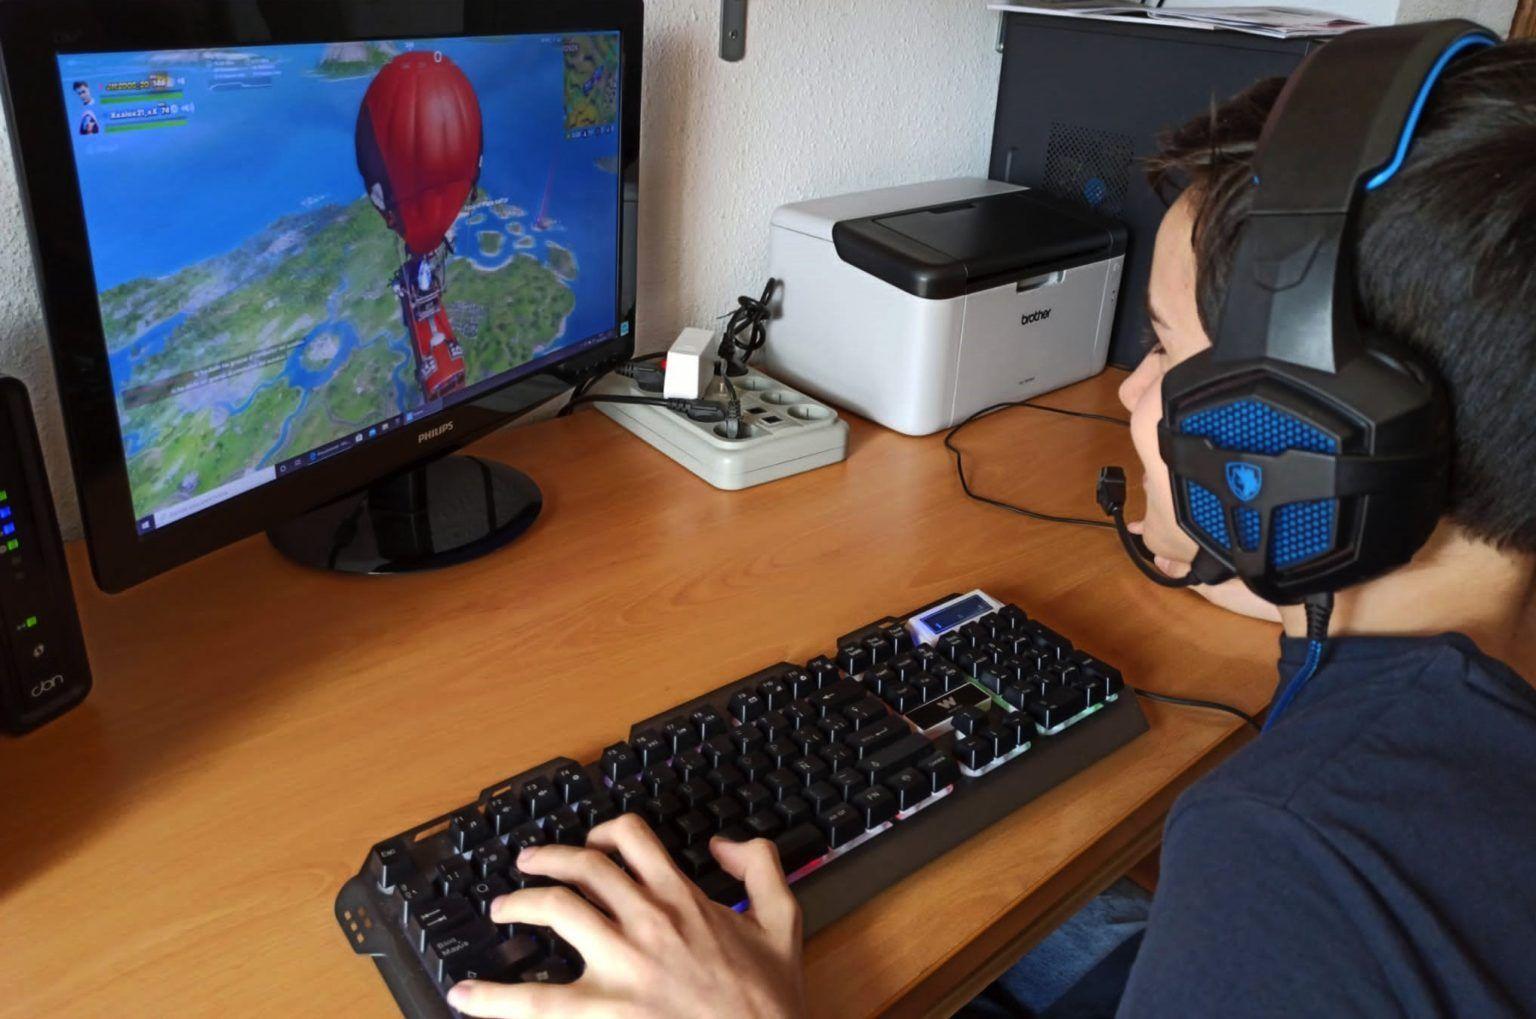 Estudio sobre efectos de los videojuegos en el rendimiento escolar